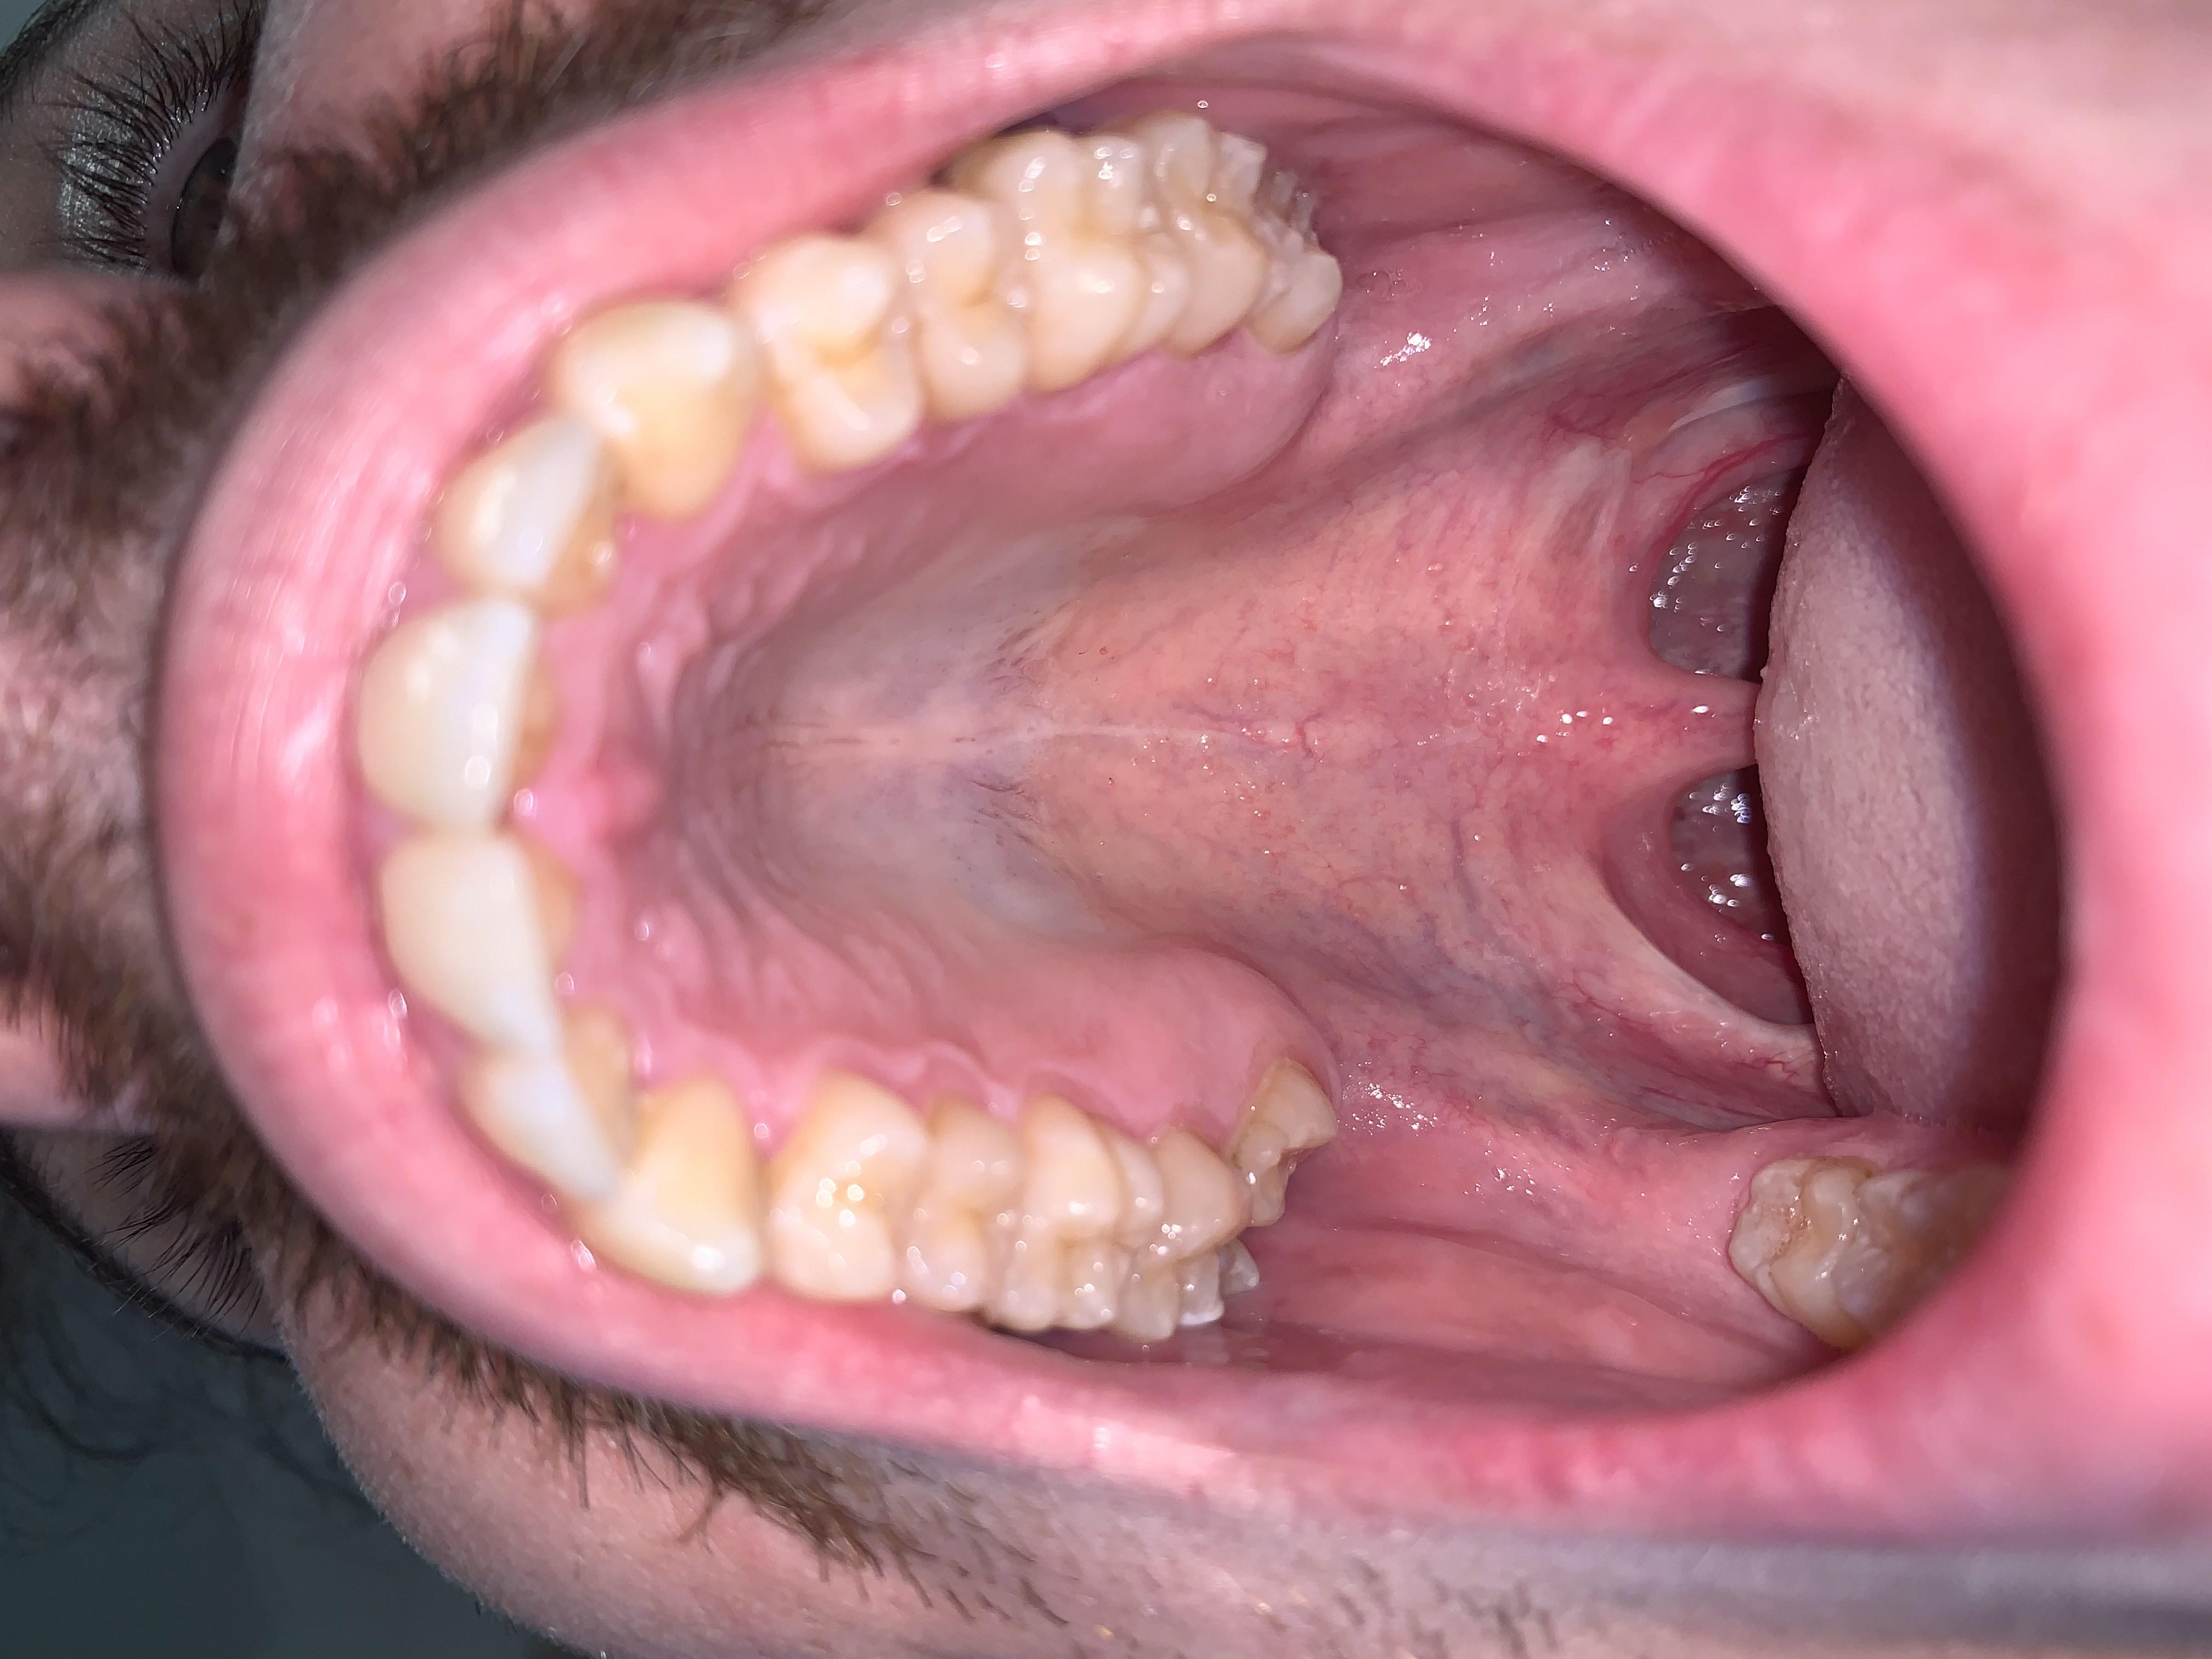 Il mio dente del giudizio superiore è cresciuto sopra il 6 molare